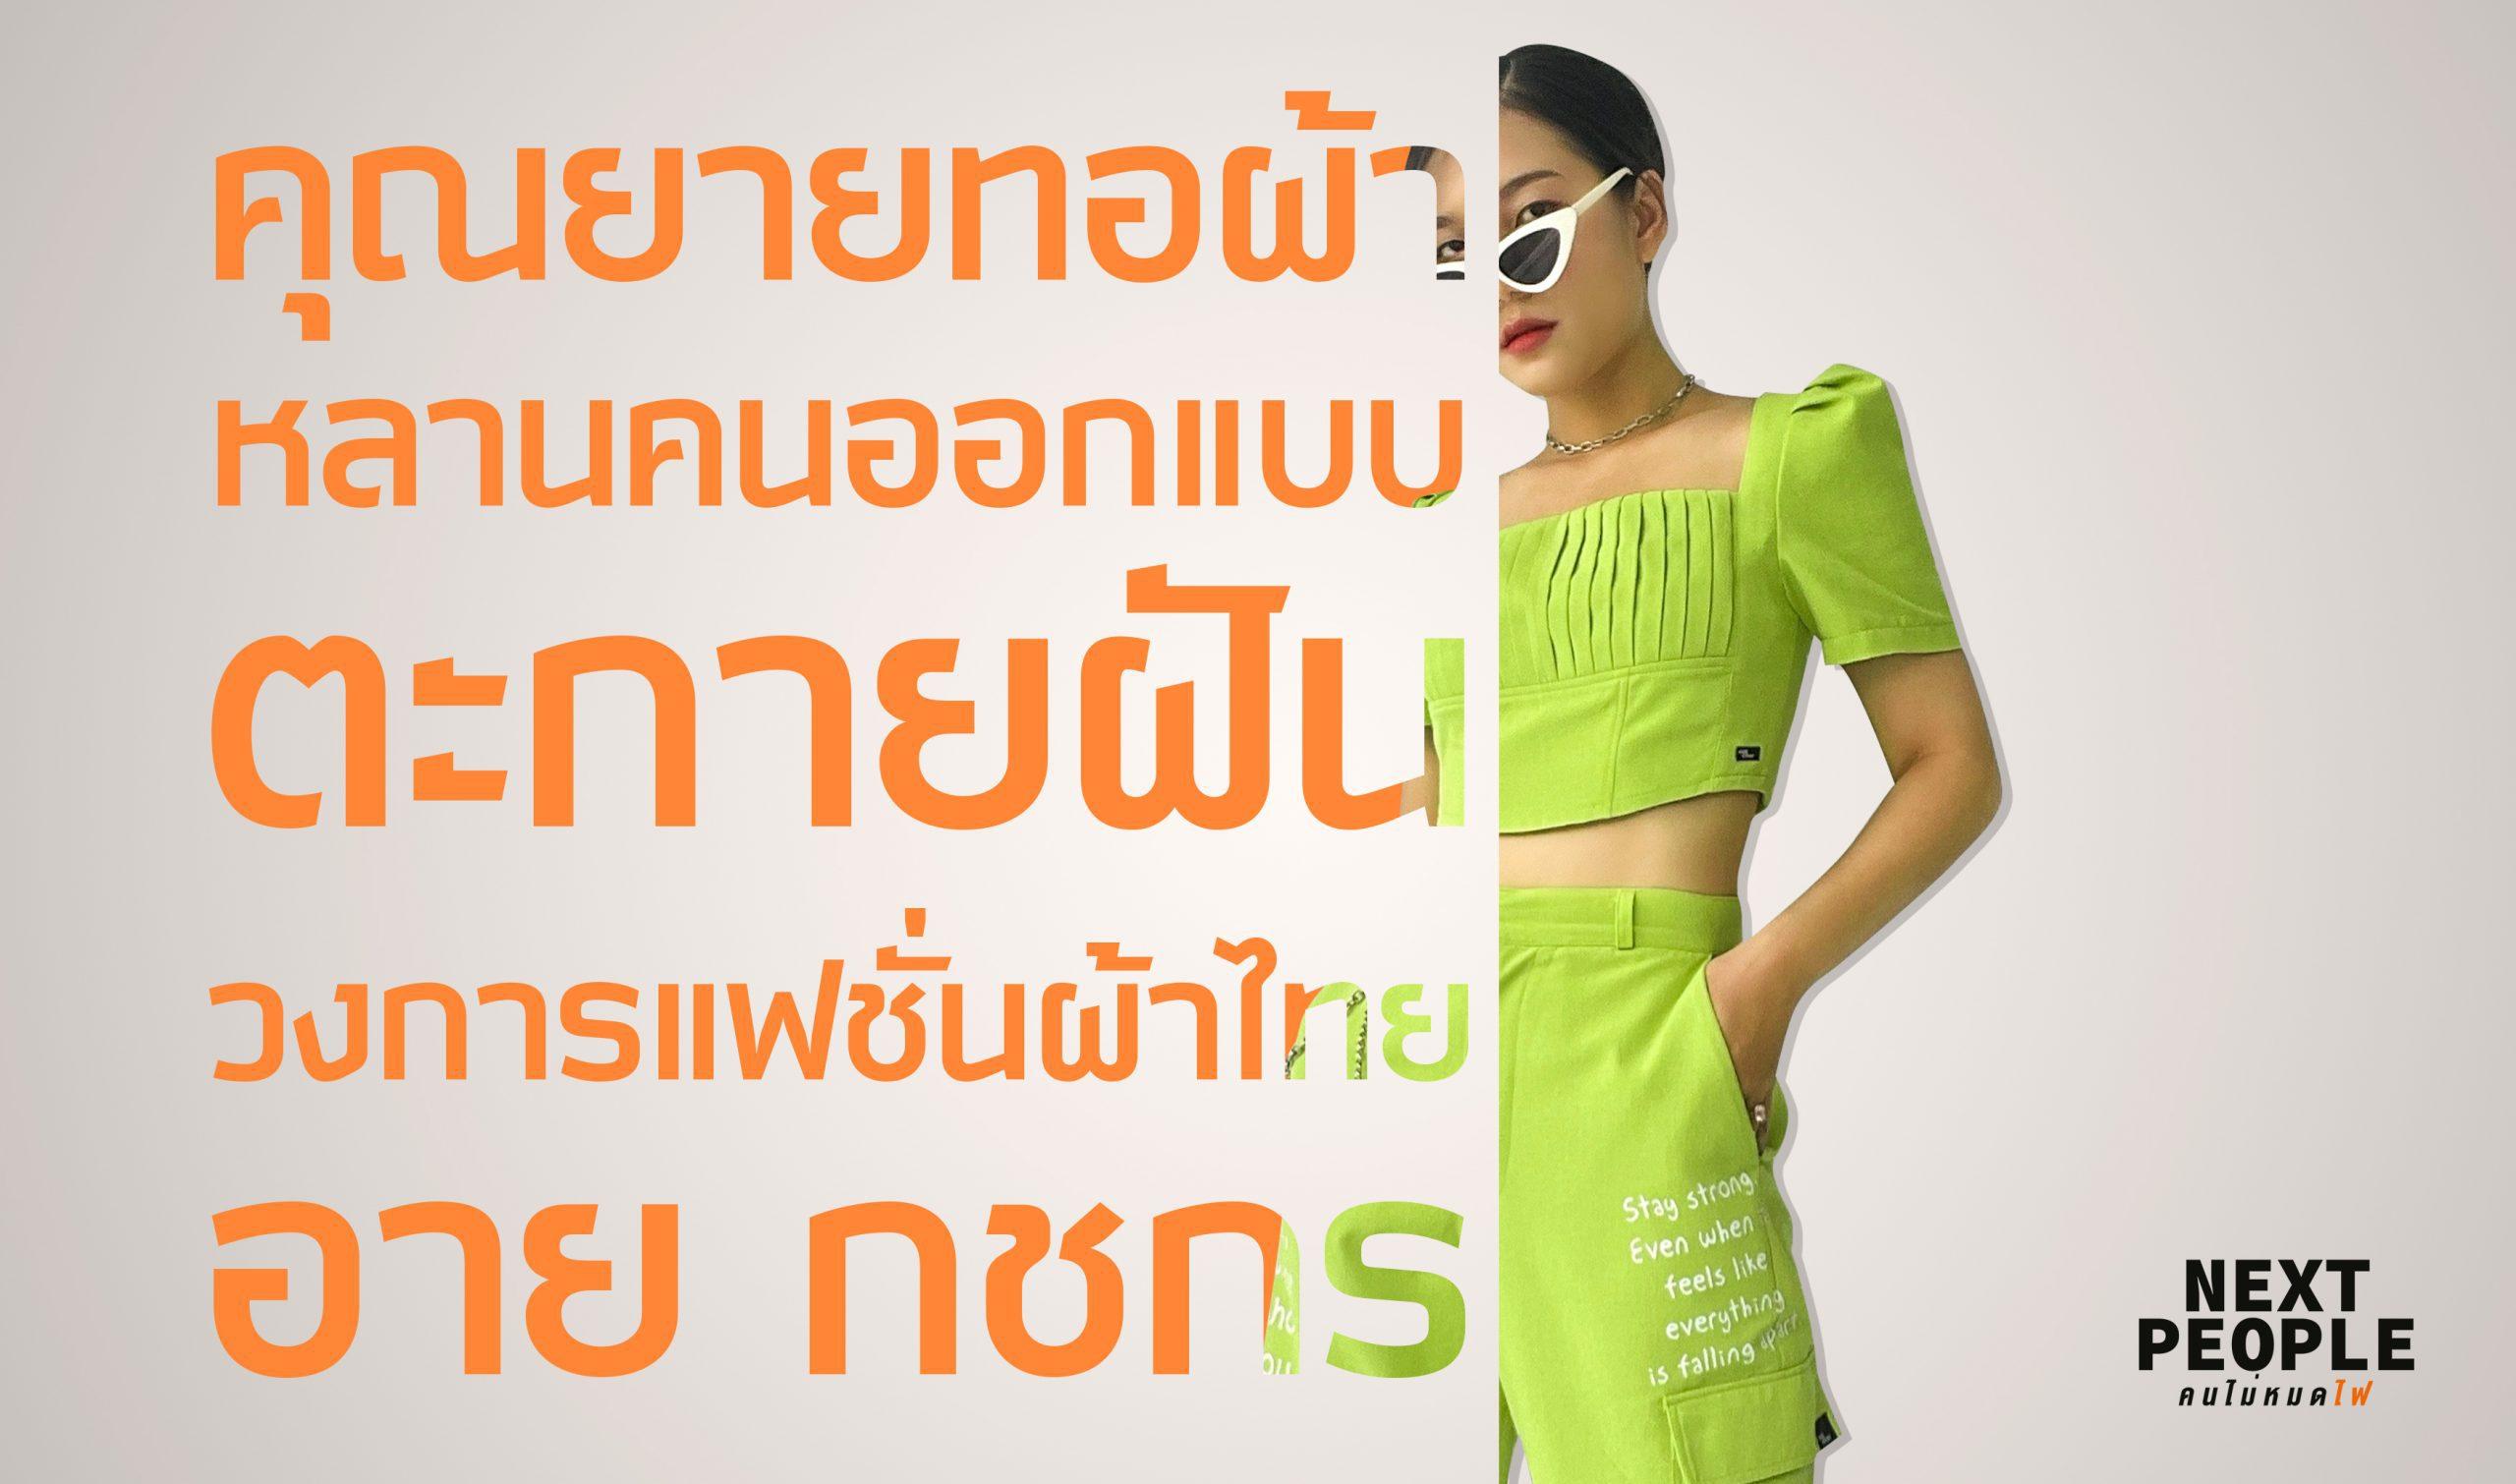 คุณยายทอผ้าหลานคนออกแบบ ตะกายฝันวงการแฟชั่นผ้าไทย อาย กชกร